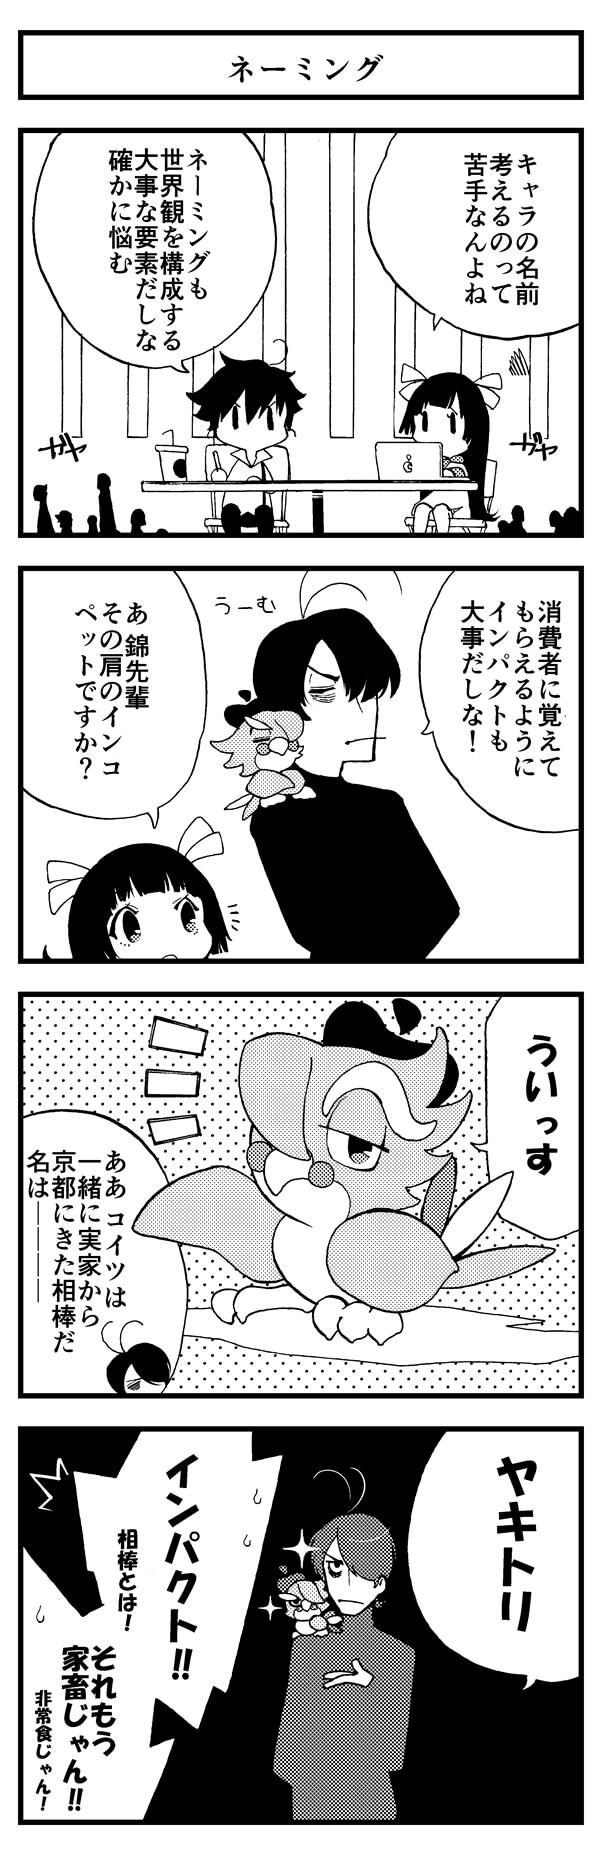 『京都クロスメディアParty!』 【第15話】